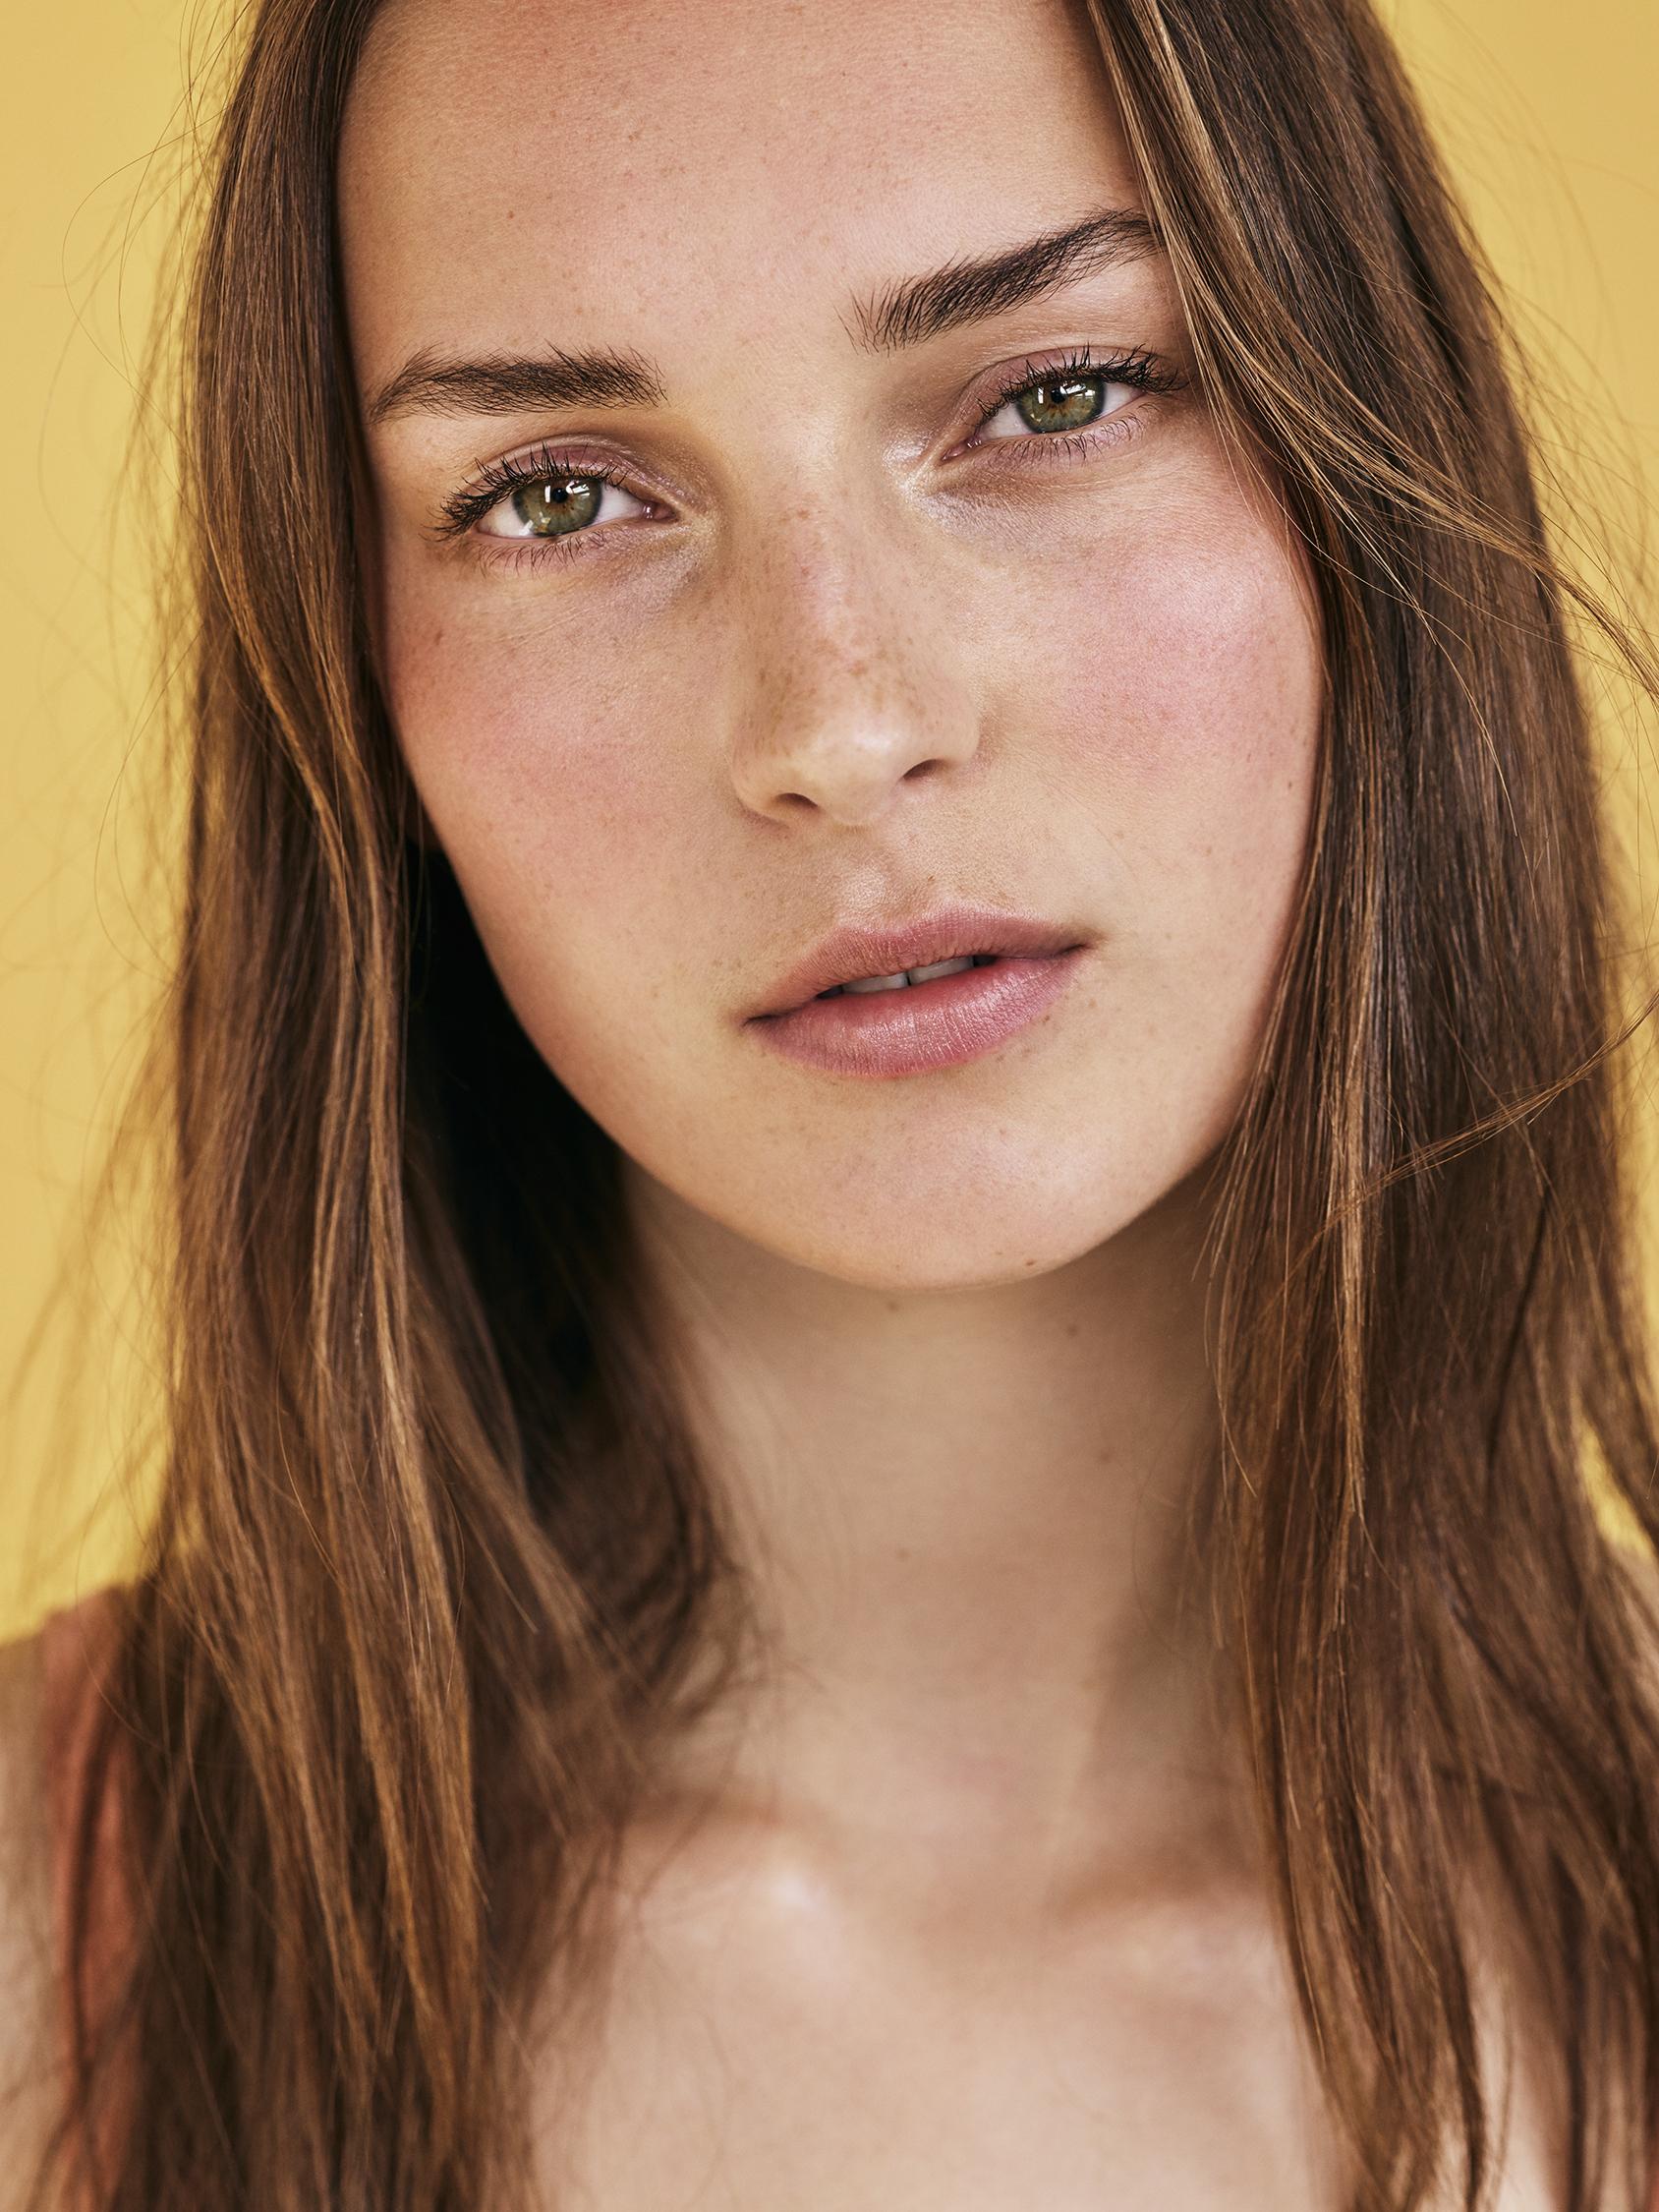 Look 3 Portrait of model Julia Bergshoeff.